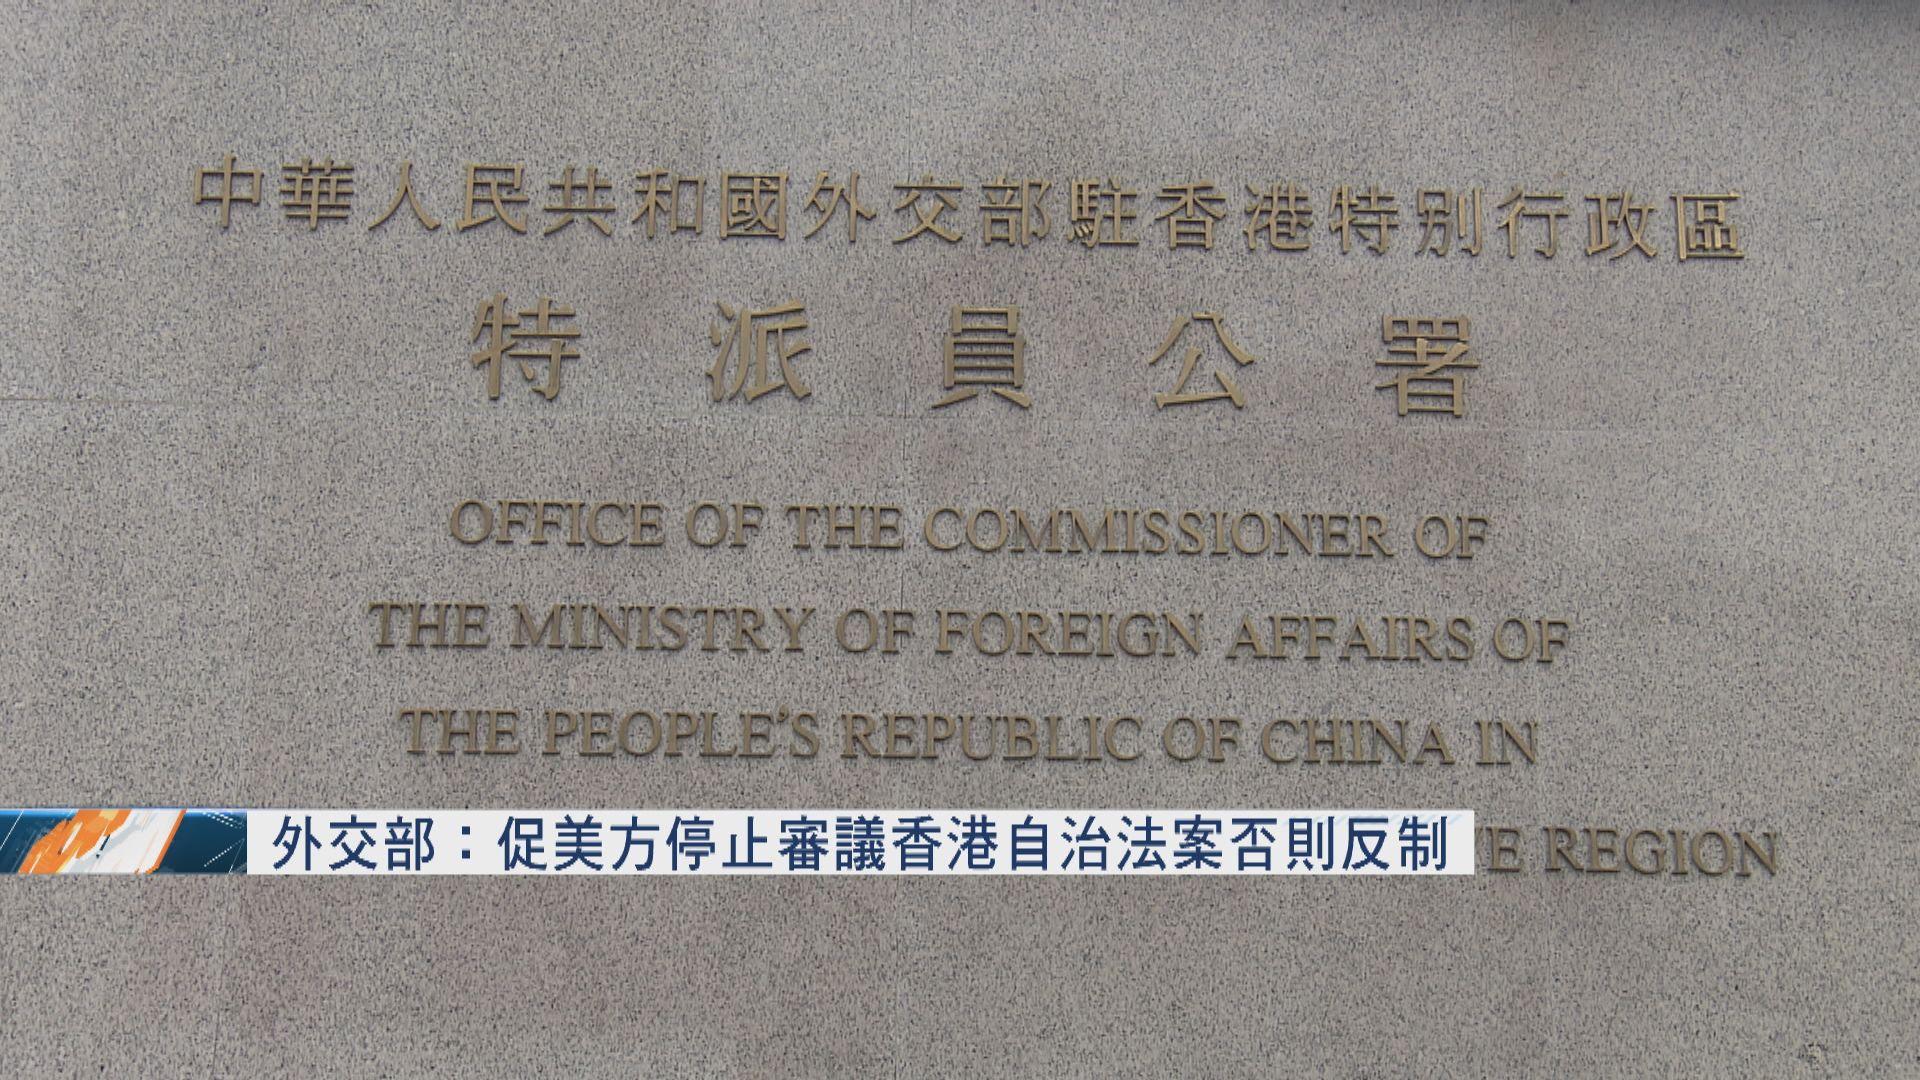 外交部促美方停止審議香港自治法案 否則採取反制措施